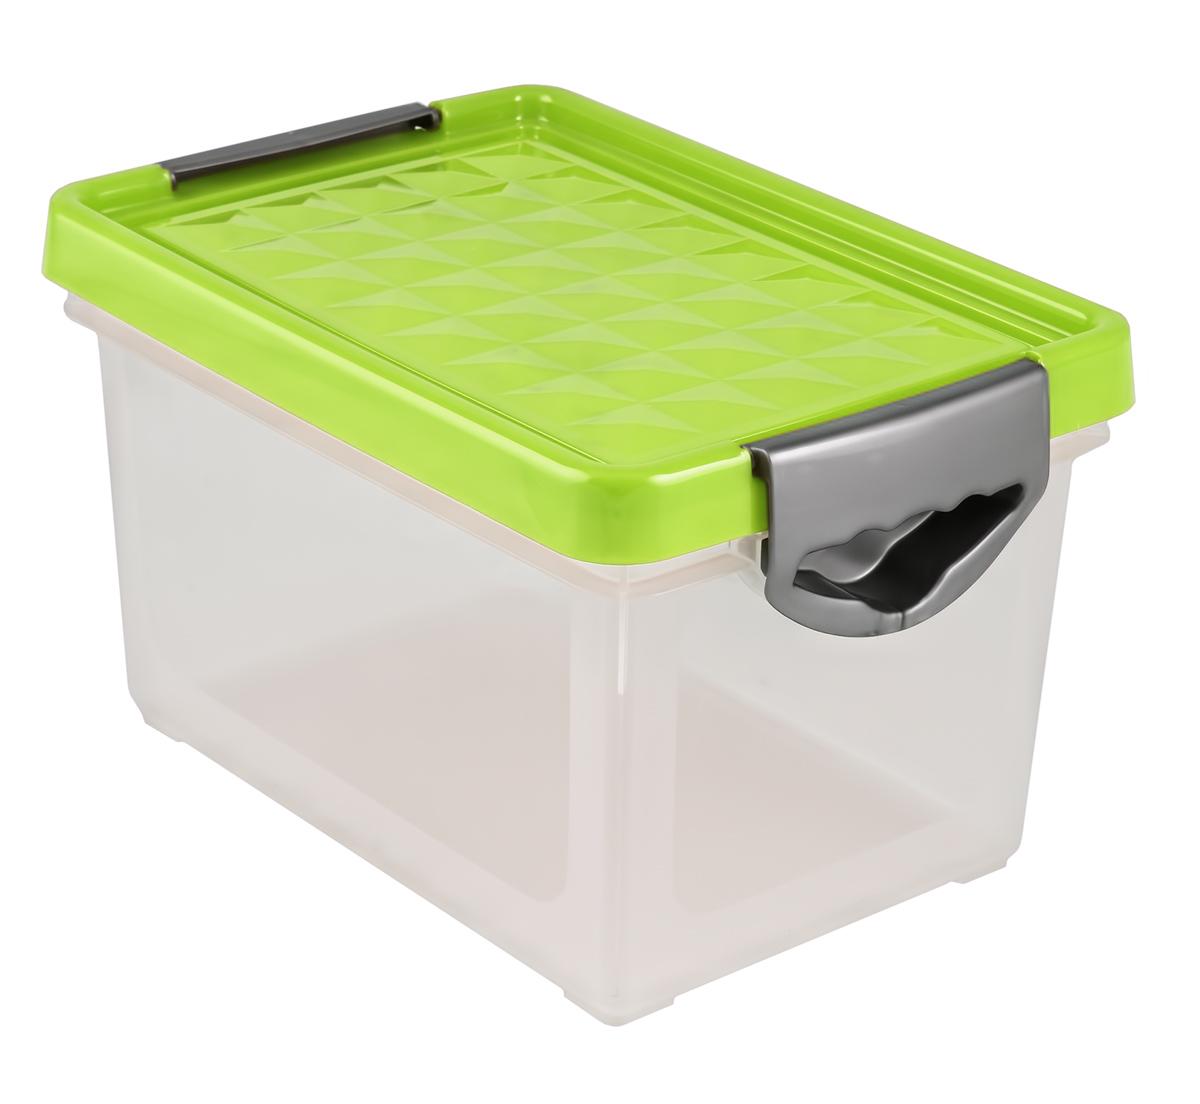 Ящик для хранения BranQ Systema, цвет: зеленый, прозрачный, 5,1 лBQ1001ЗЛПРУниверсальный ящик для хранения BranQ Systema, выполненный из прочного пластика, поможет правильно организовать пространство в доме и сэкономить место. В нем можно хранить все, что угодно: одежду, обувь, детские игрушки и многое другое. Прочный каркас ящика позволит хранить как легкие вещи, так и переносить собранный урожай овощей или фруктов. Изделие оснащено крышкой, которая защитит вещи от пыли, грязи и влаги.Эргономичные ручки-защелки, позволяют переносить ящик как с крышкой, так и без нее.